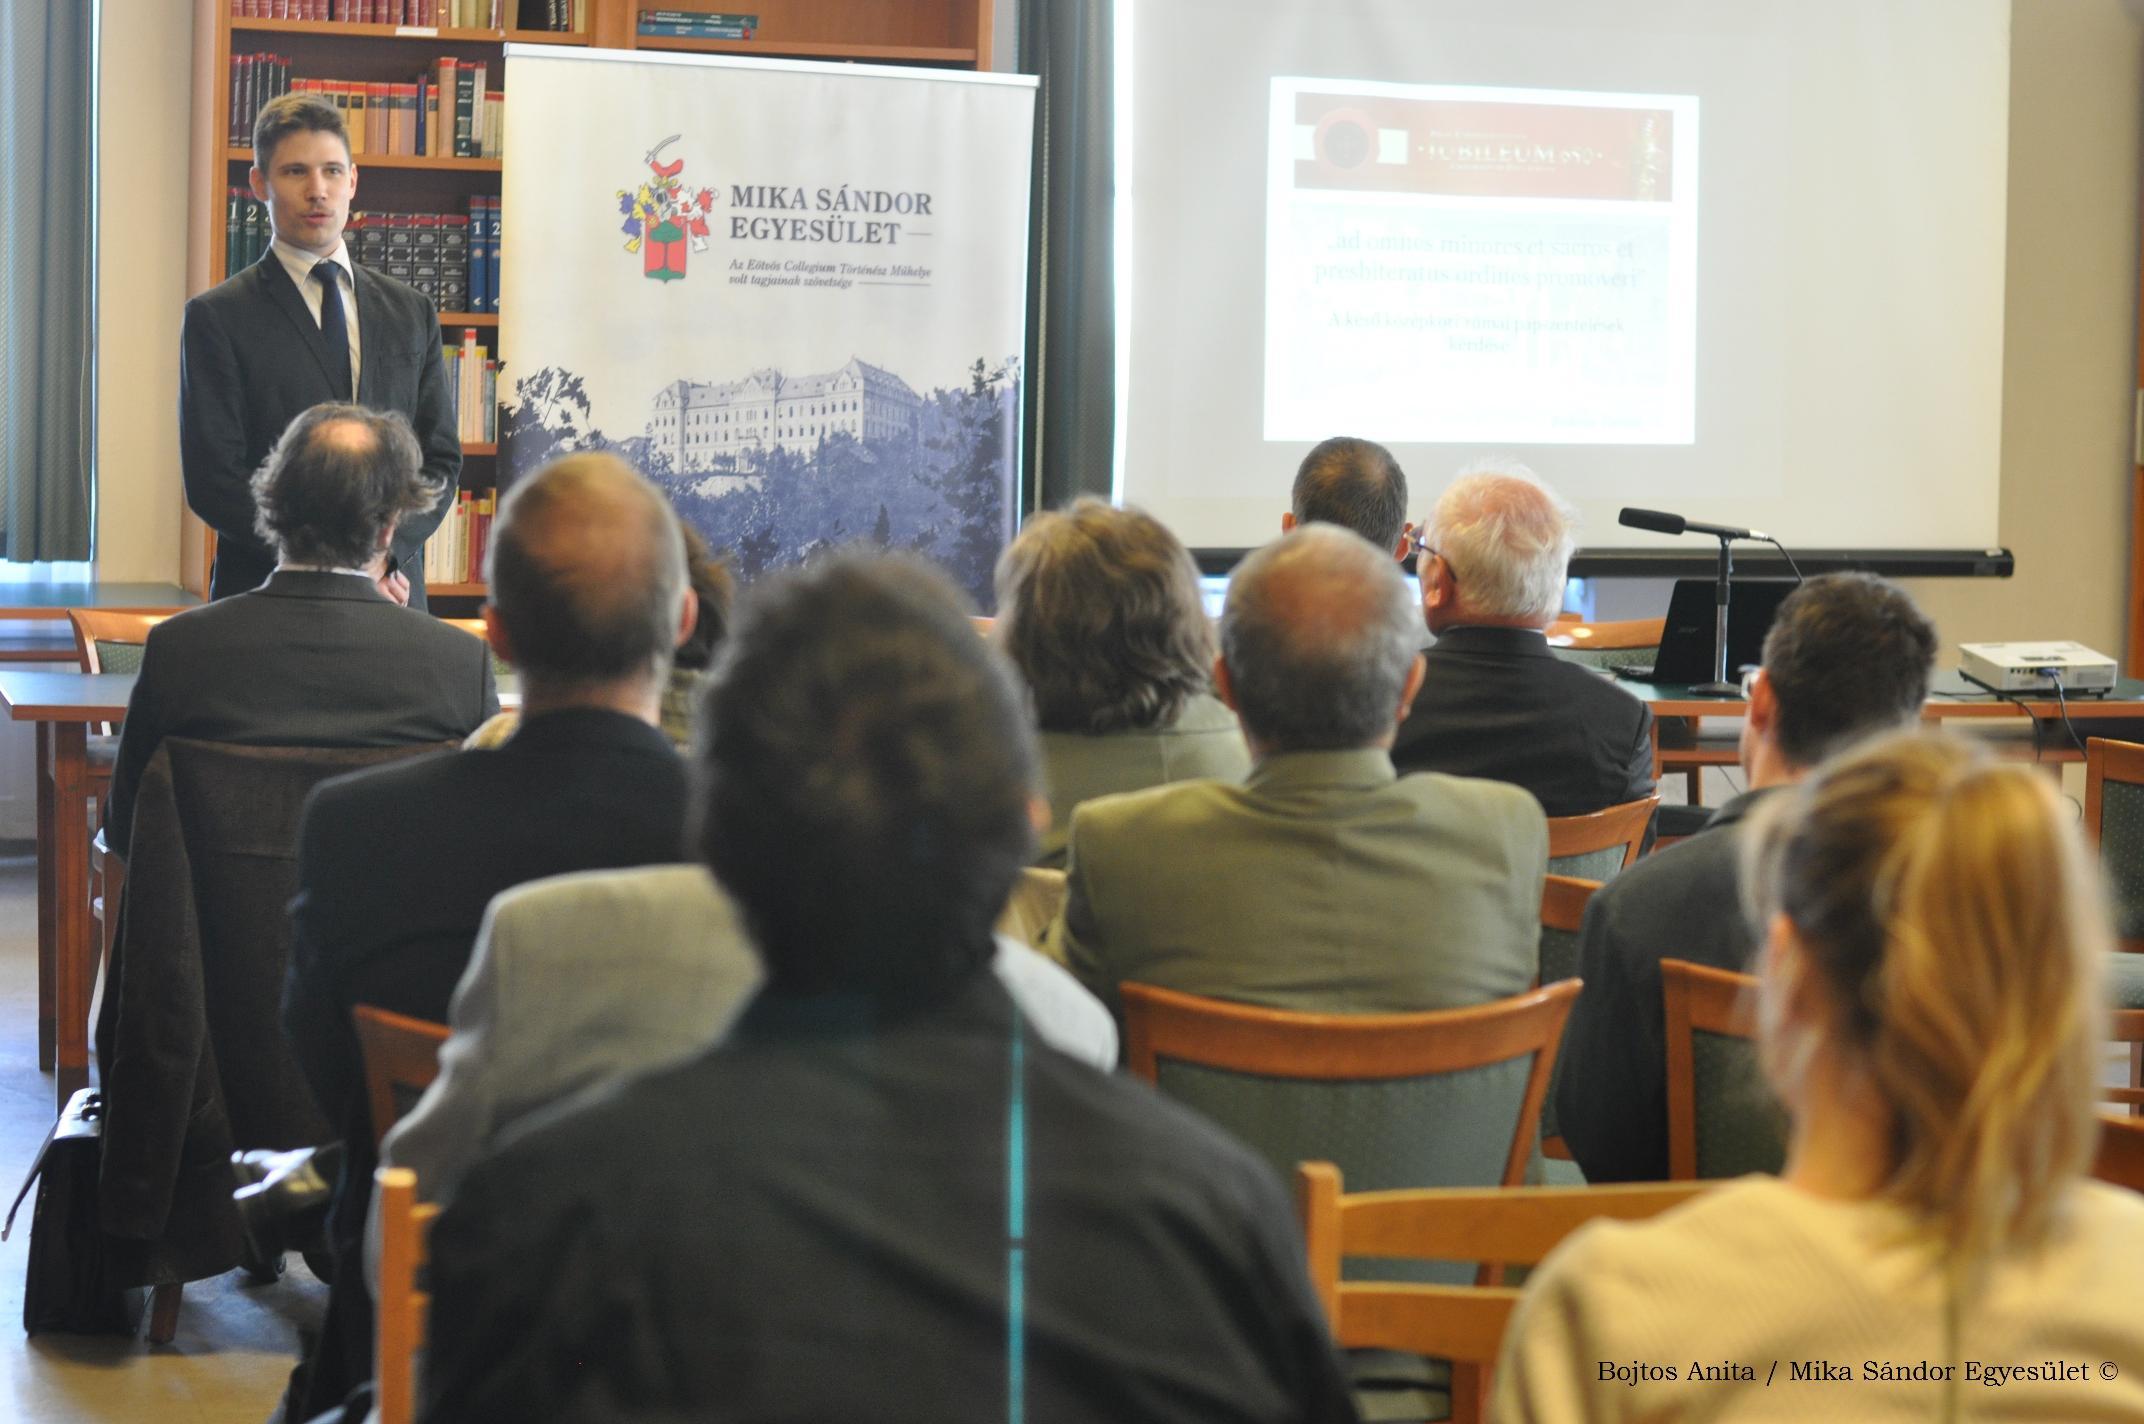 Beszámoló A reformáció útjai műhelykonferenciáról